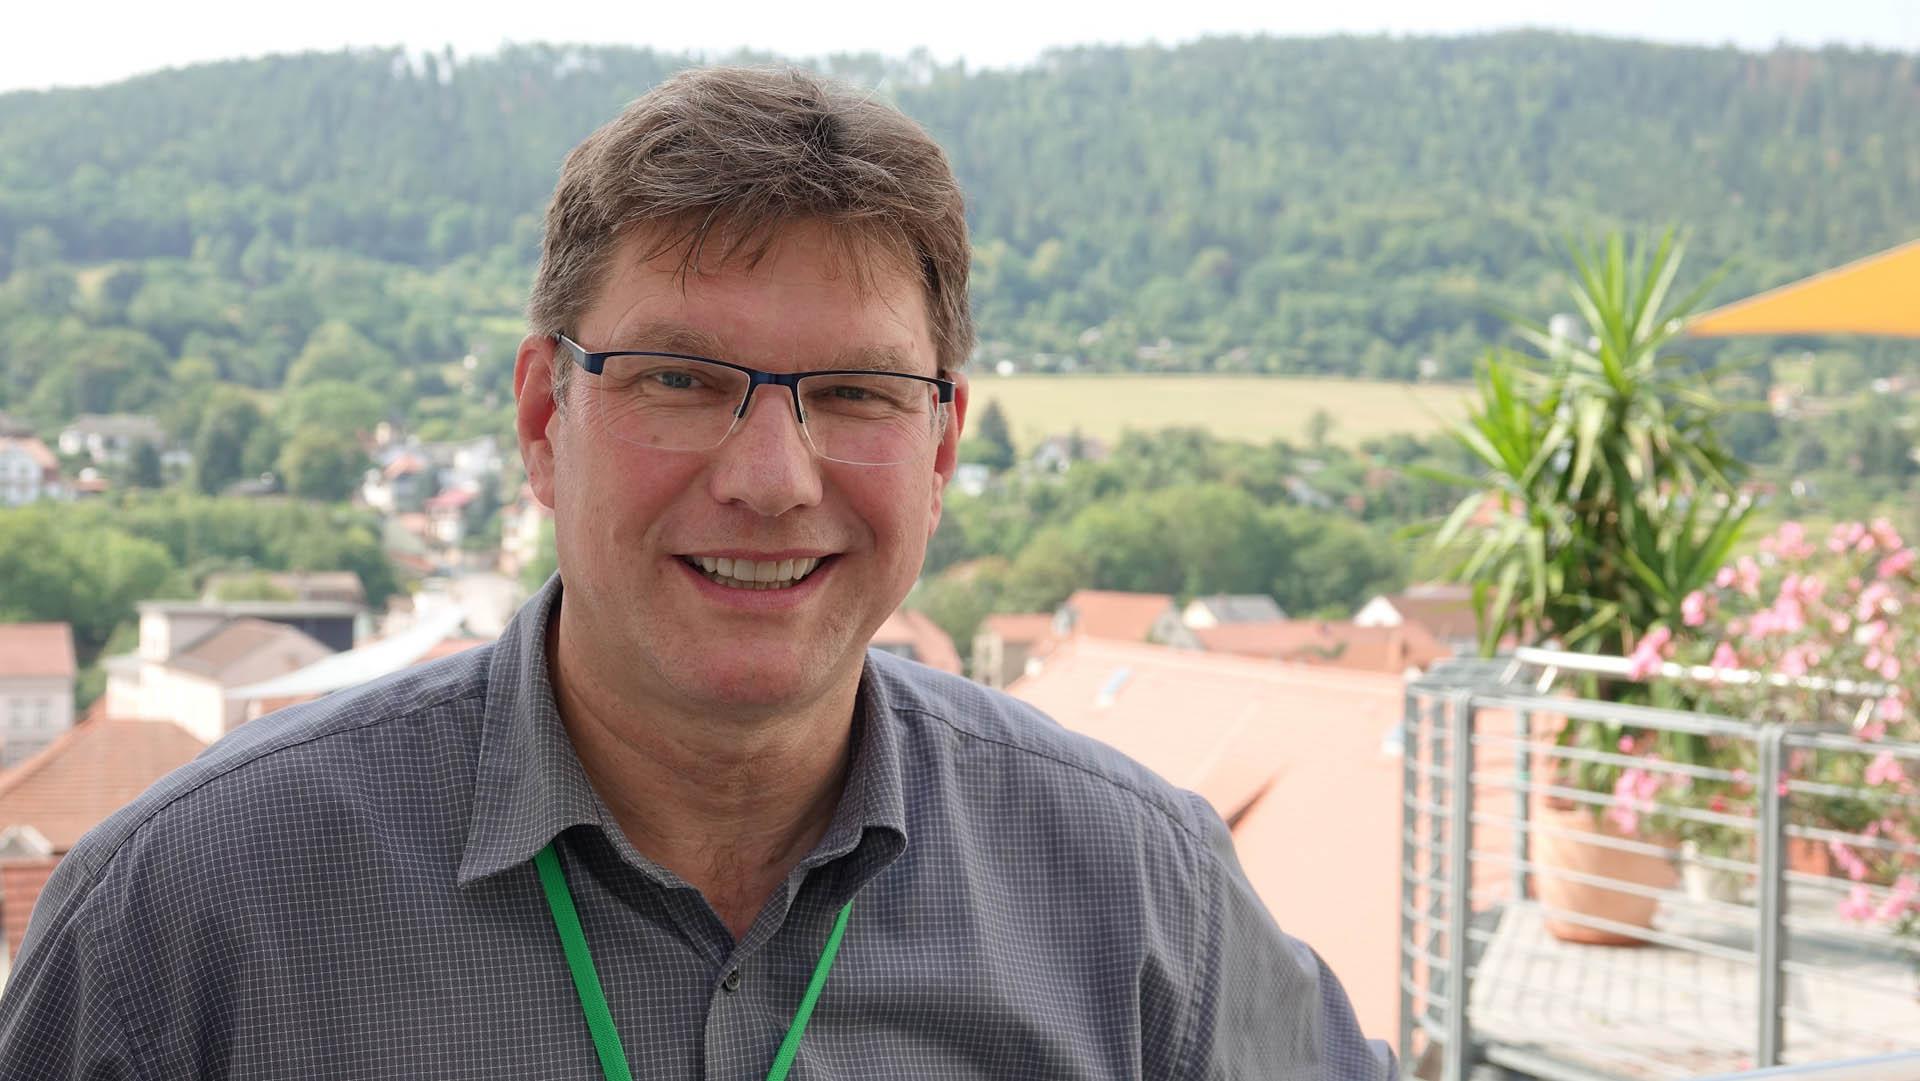 """Jesus sei zwar nicht Mitglied einer Partei gewesen, aber seine Worte seien oft """"durchaus politisch"""" gewesen, sagte der Politikbeauftragte der Deutschen Evangelischen Allianz, Uwe Heimowski, auf der Allianzkonferenz in Bad Blankenburg"""